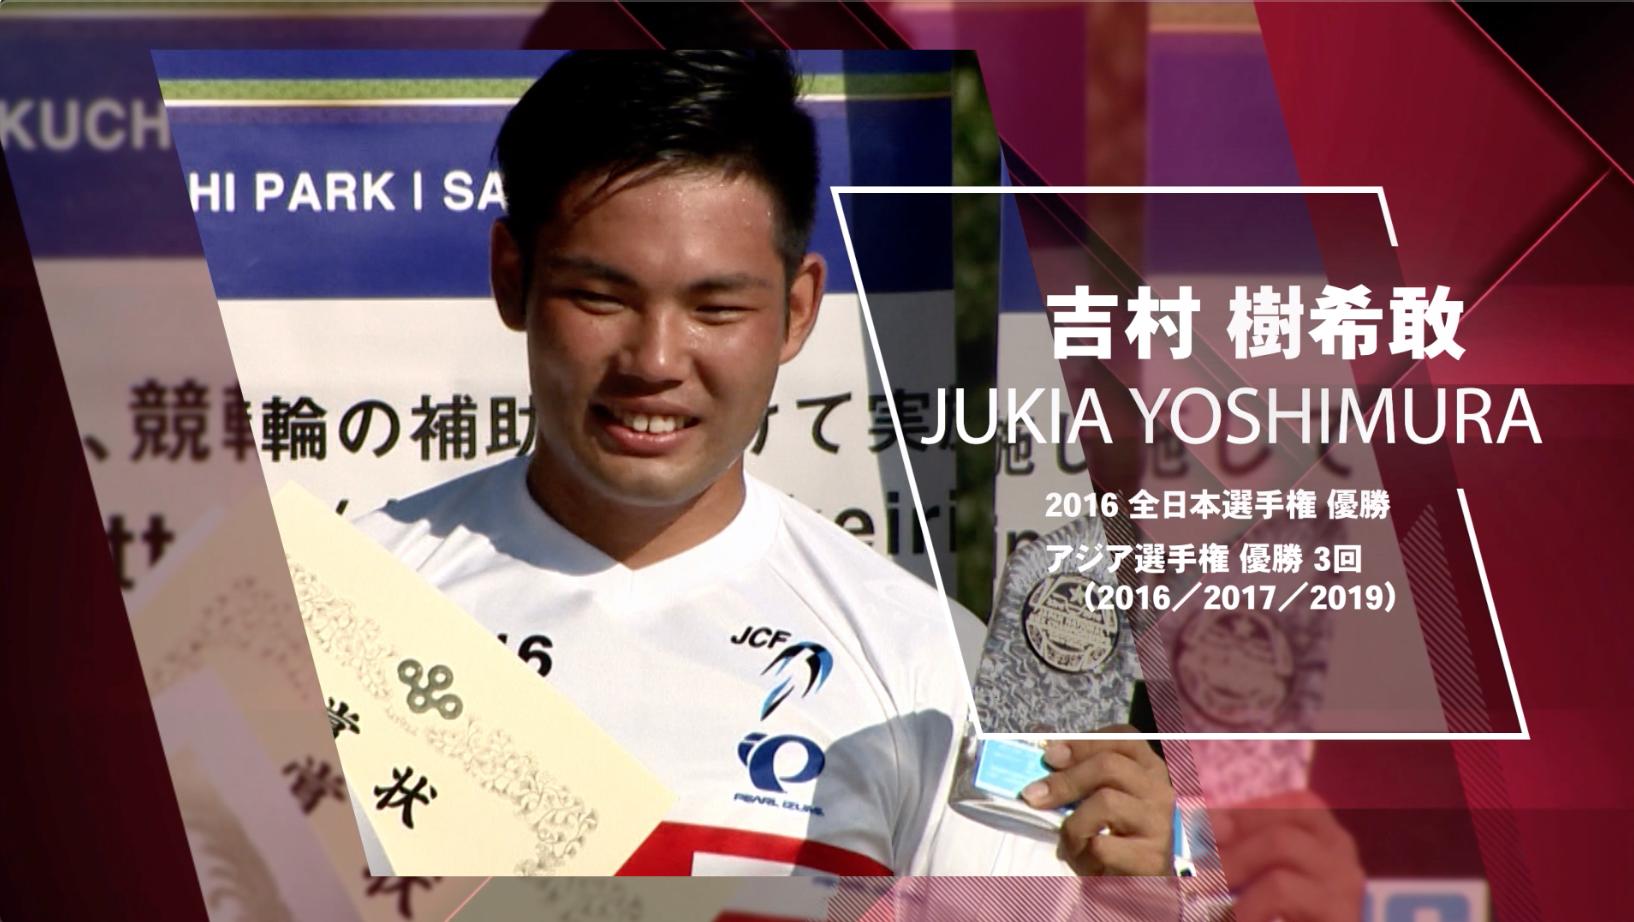 吉村樹希敢インタビュー「僕のオリンピック!地元大阪での負けられない戦い」